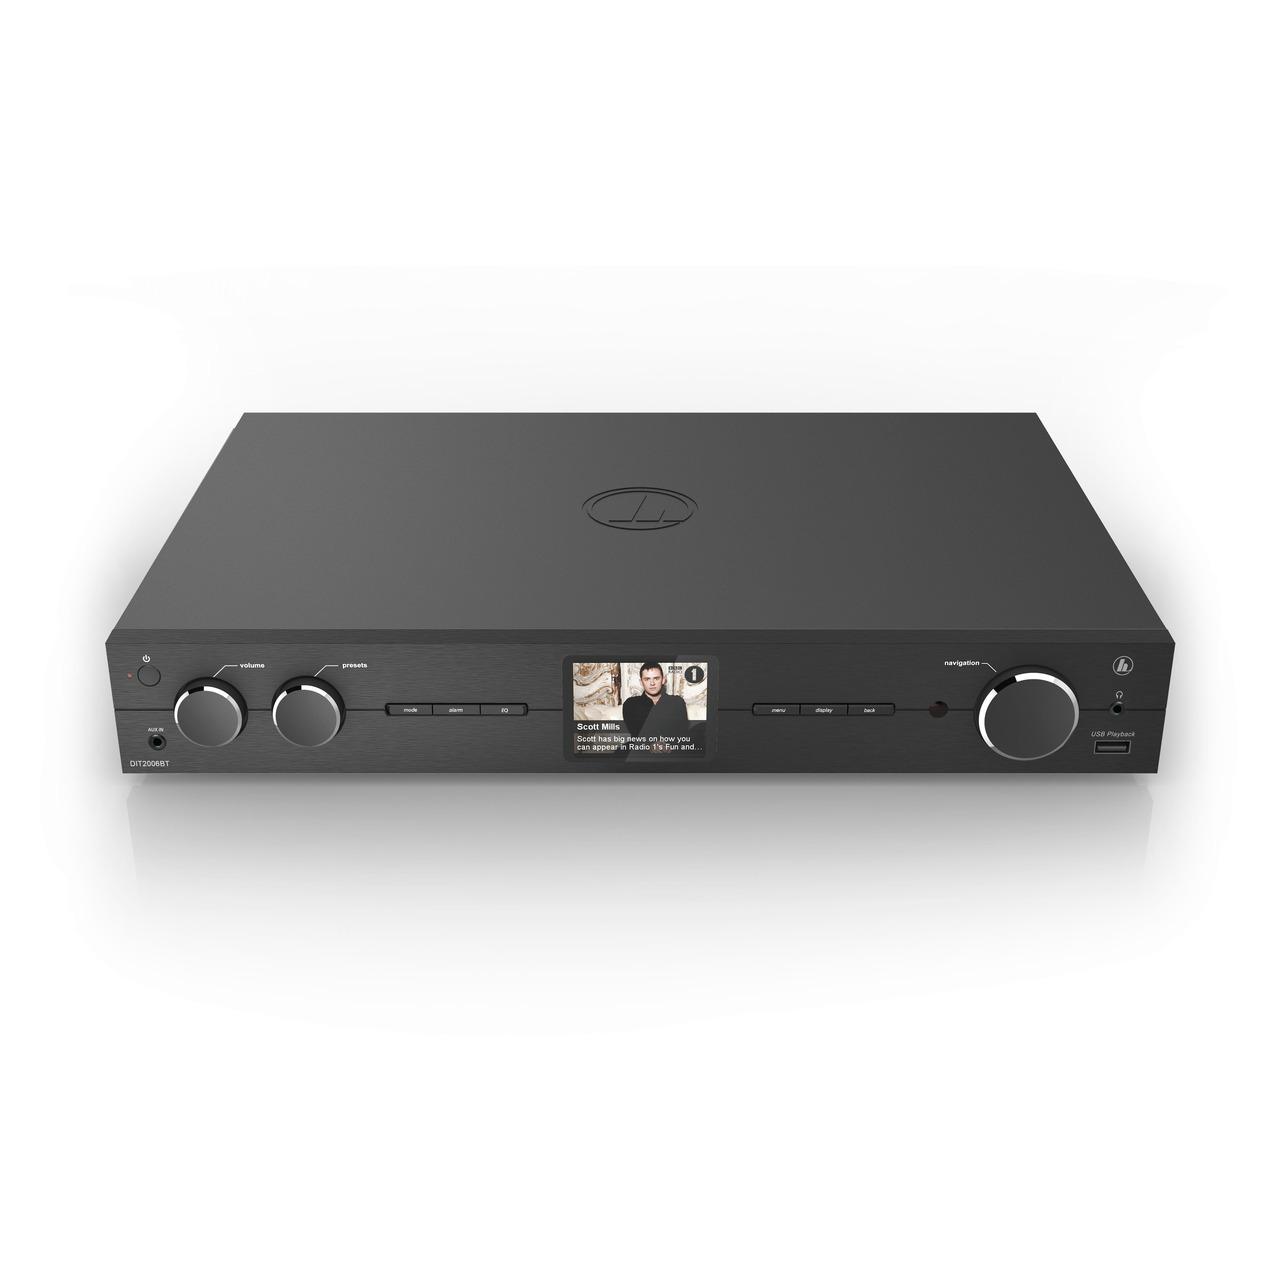 hama Hybrid-Radio-Hi-Fi-Tuner DIT2006BT- DAB+-UKW-Internetradio- Bluetooth RX- Spotify- schwarz